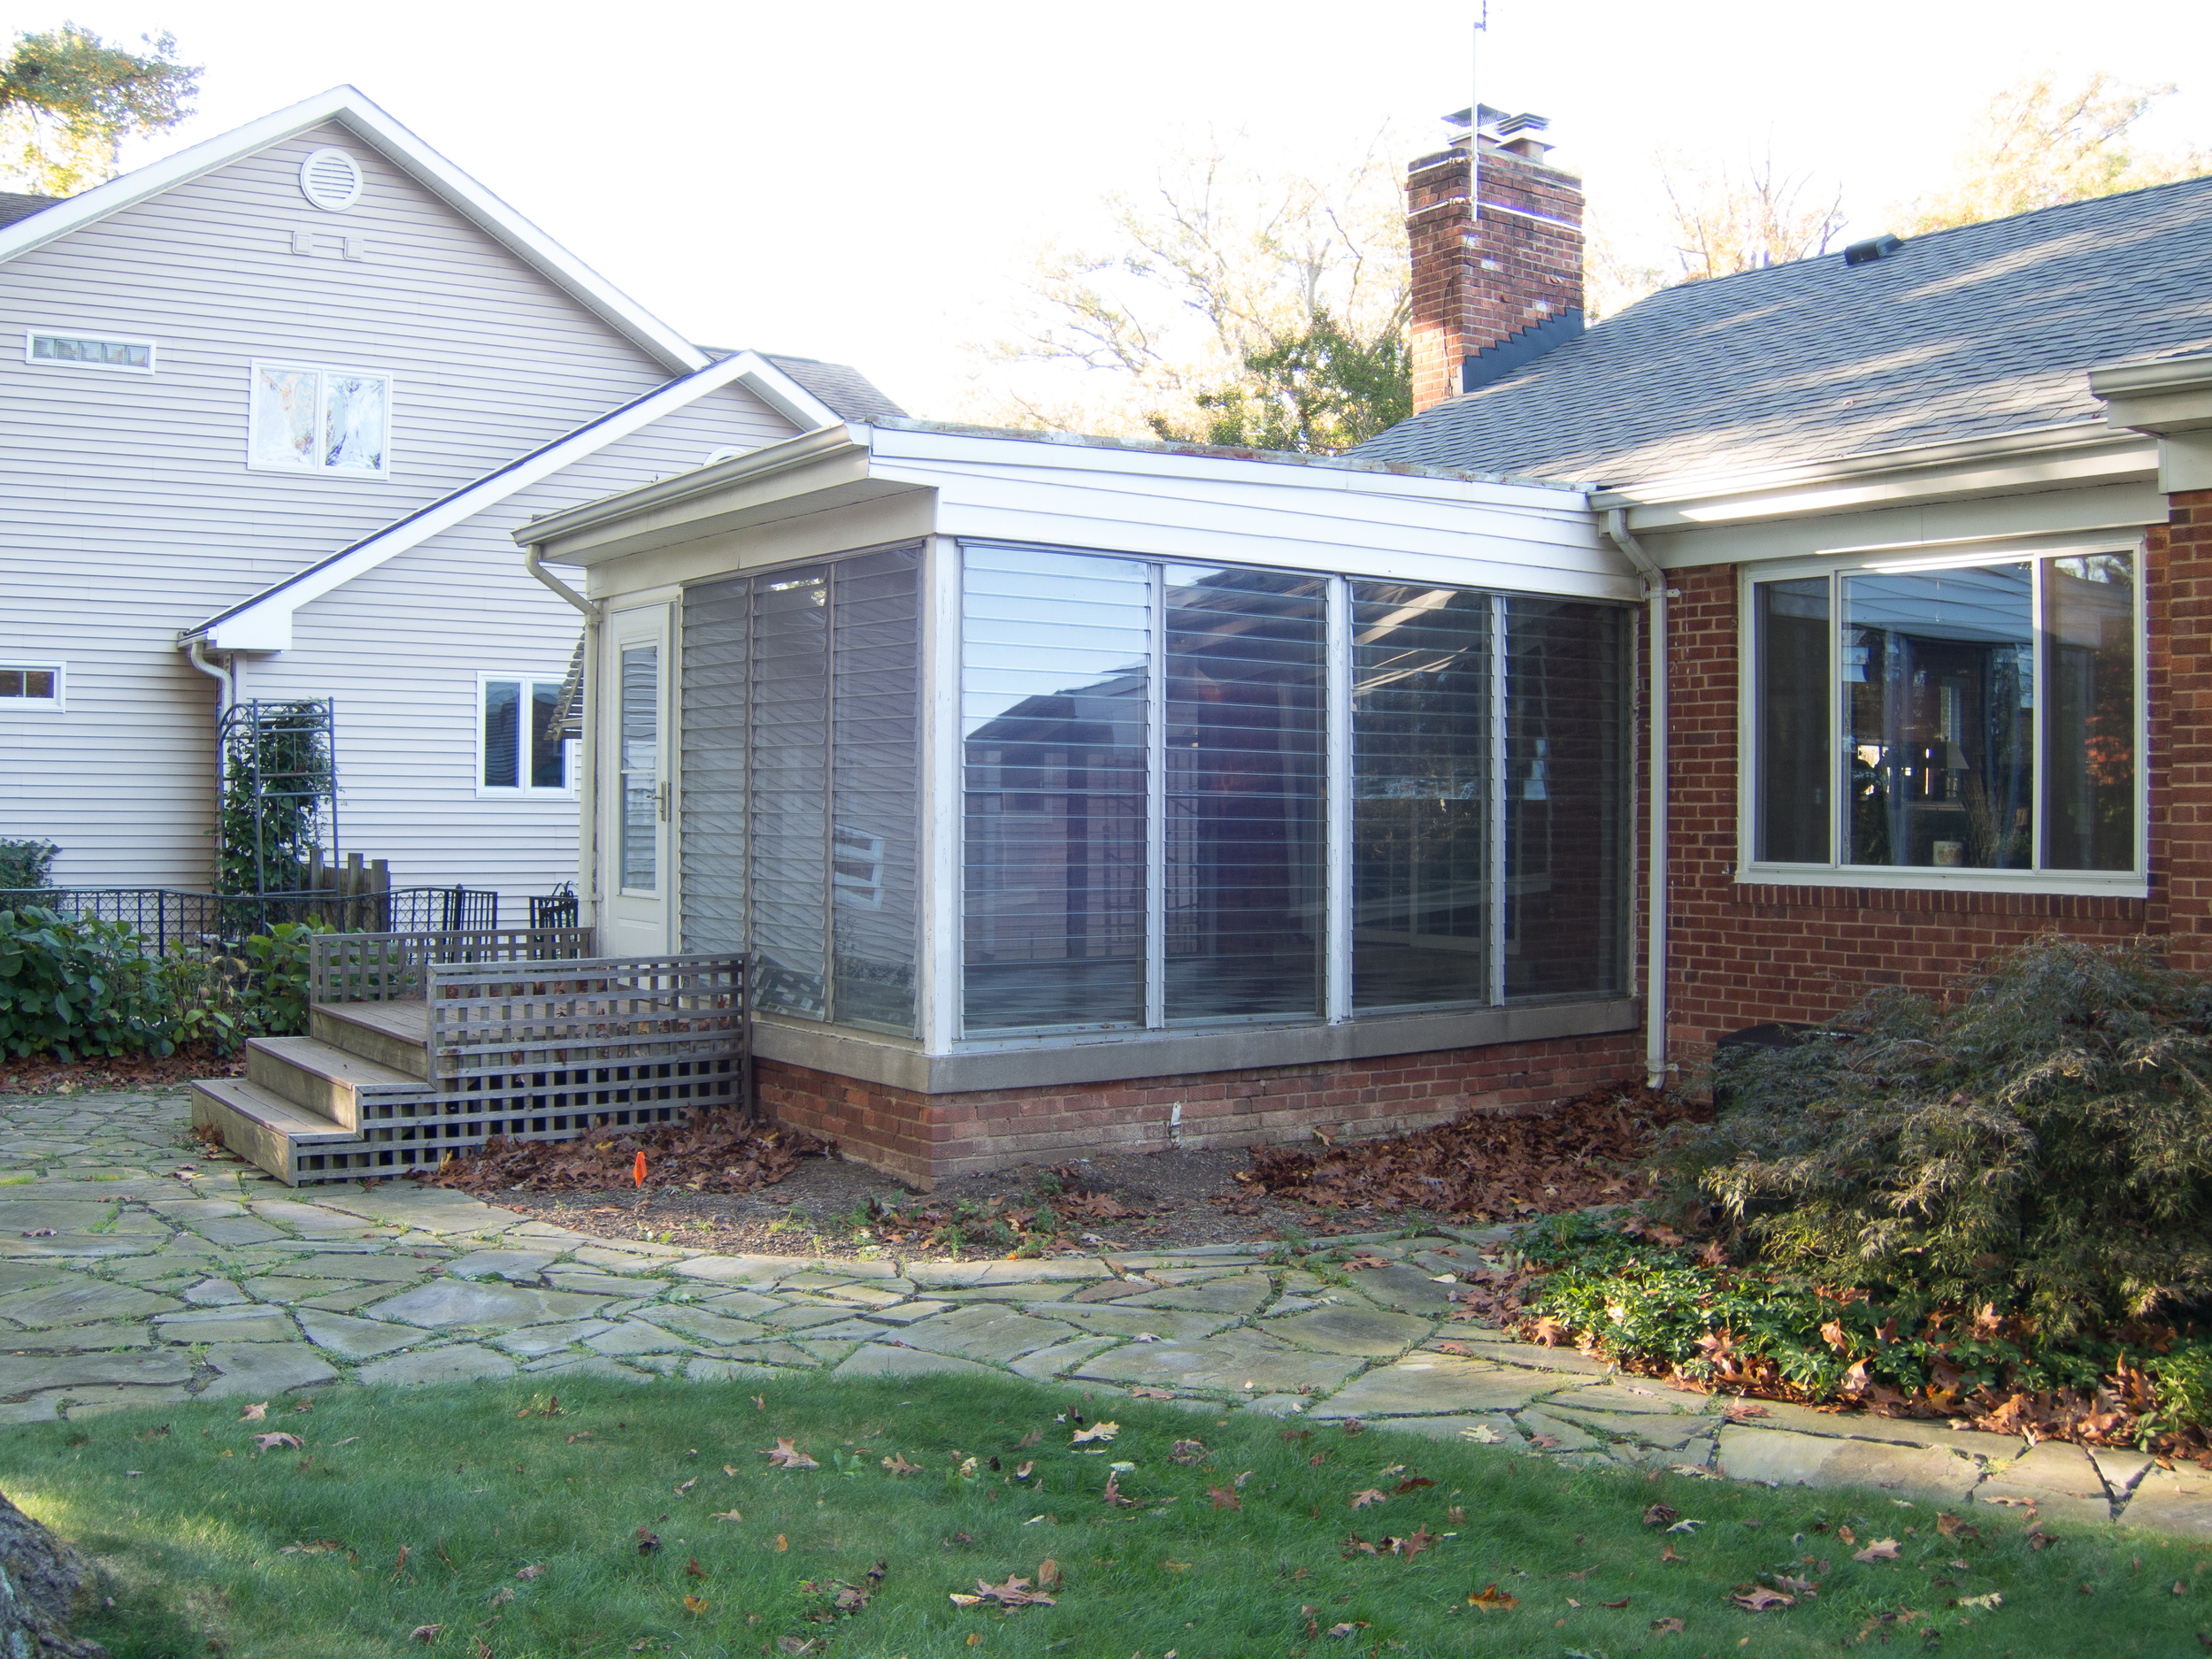 Existing house and original rear porch